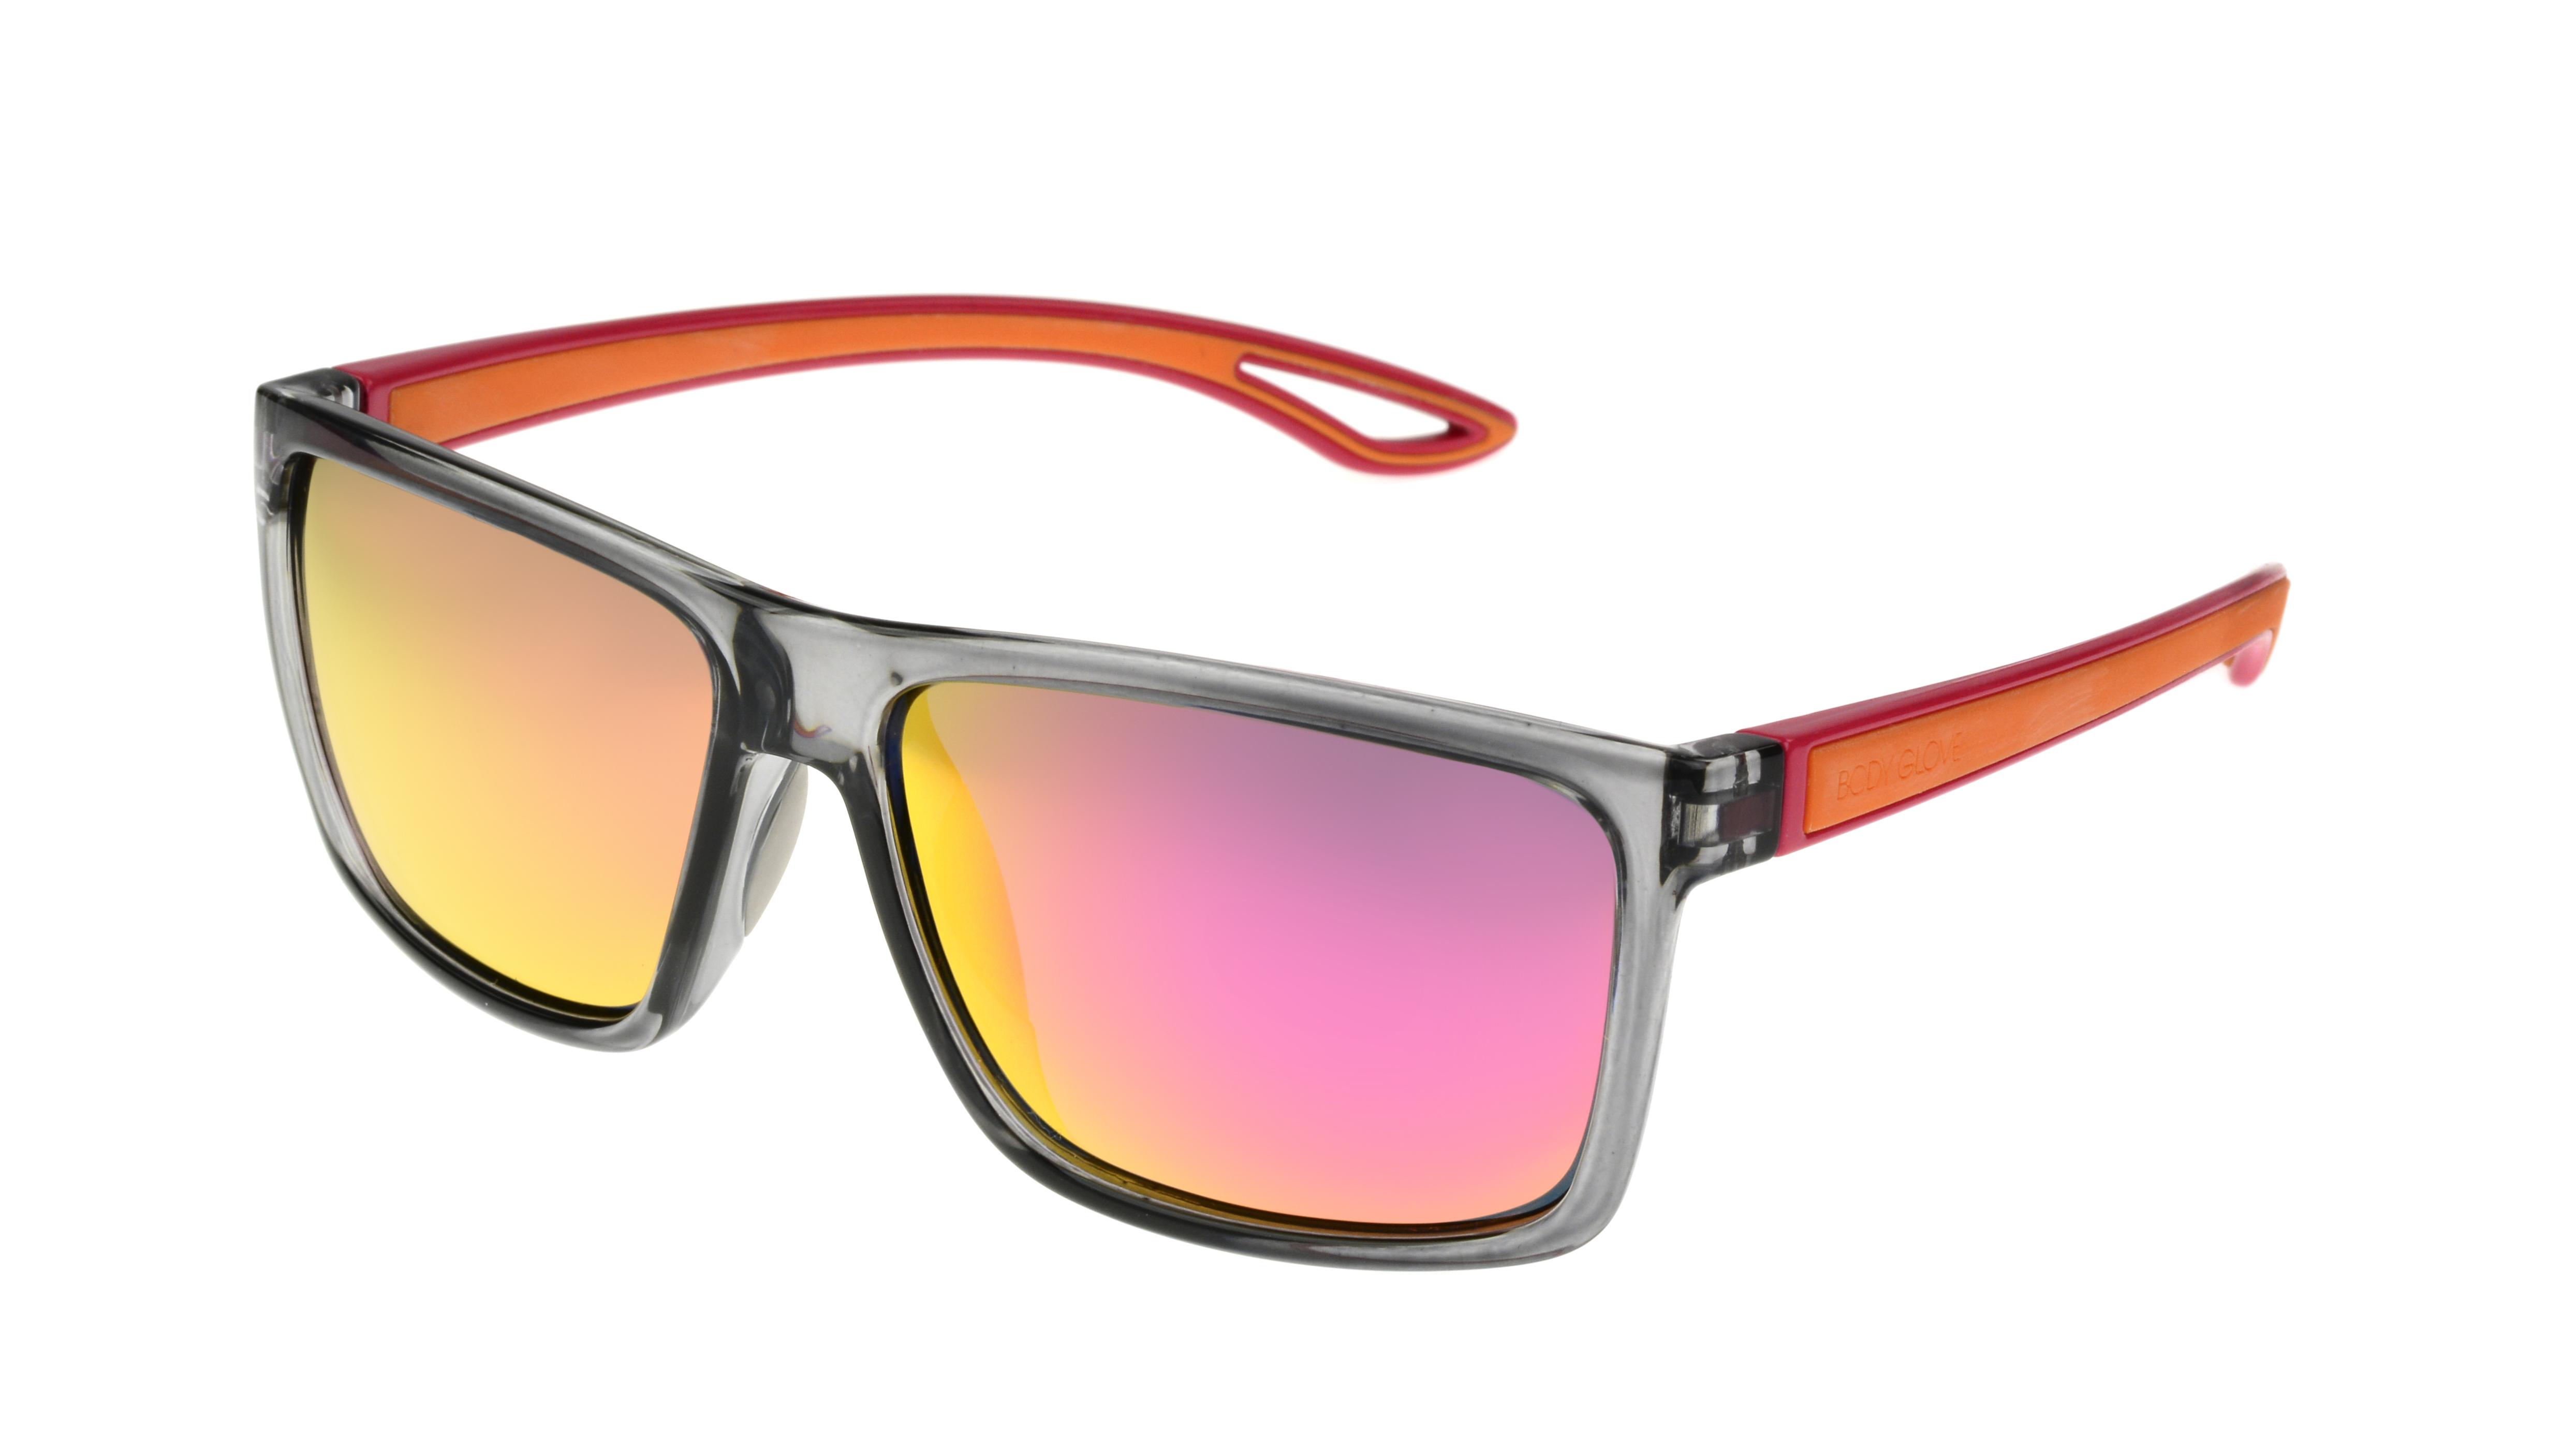 df972a35778 Body Glove Bombara Sunglasses 10236074.QTM. Body Glove Sunglasses for Men.